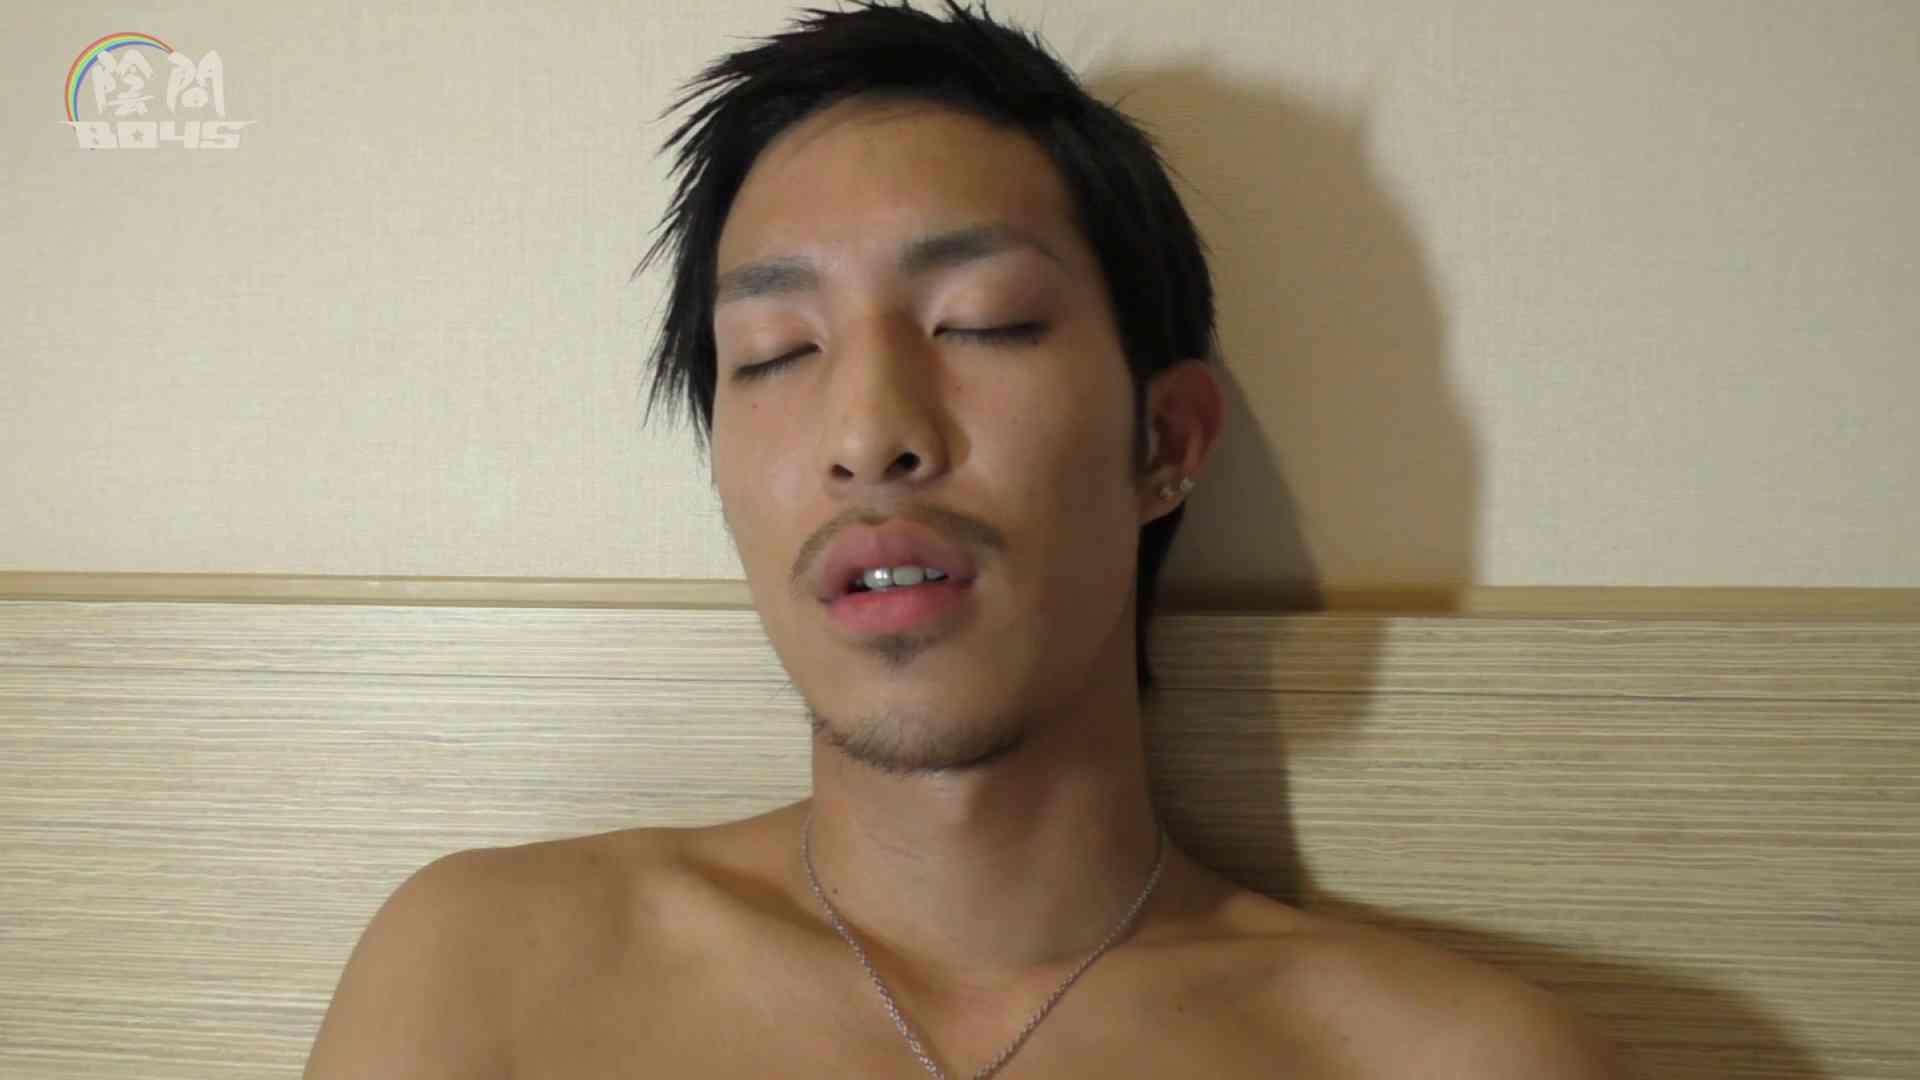 陰間BOYS~「アナルだけは許して…3」~01 ディルドで絶頂 ゲイセックス画像 66pic 46